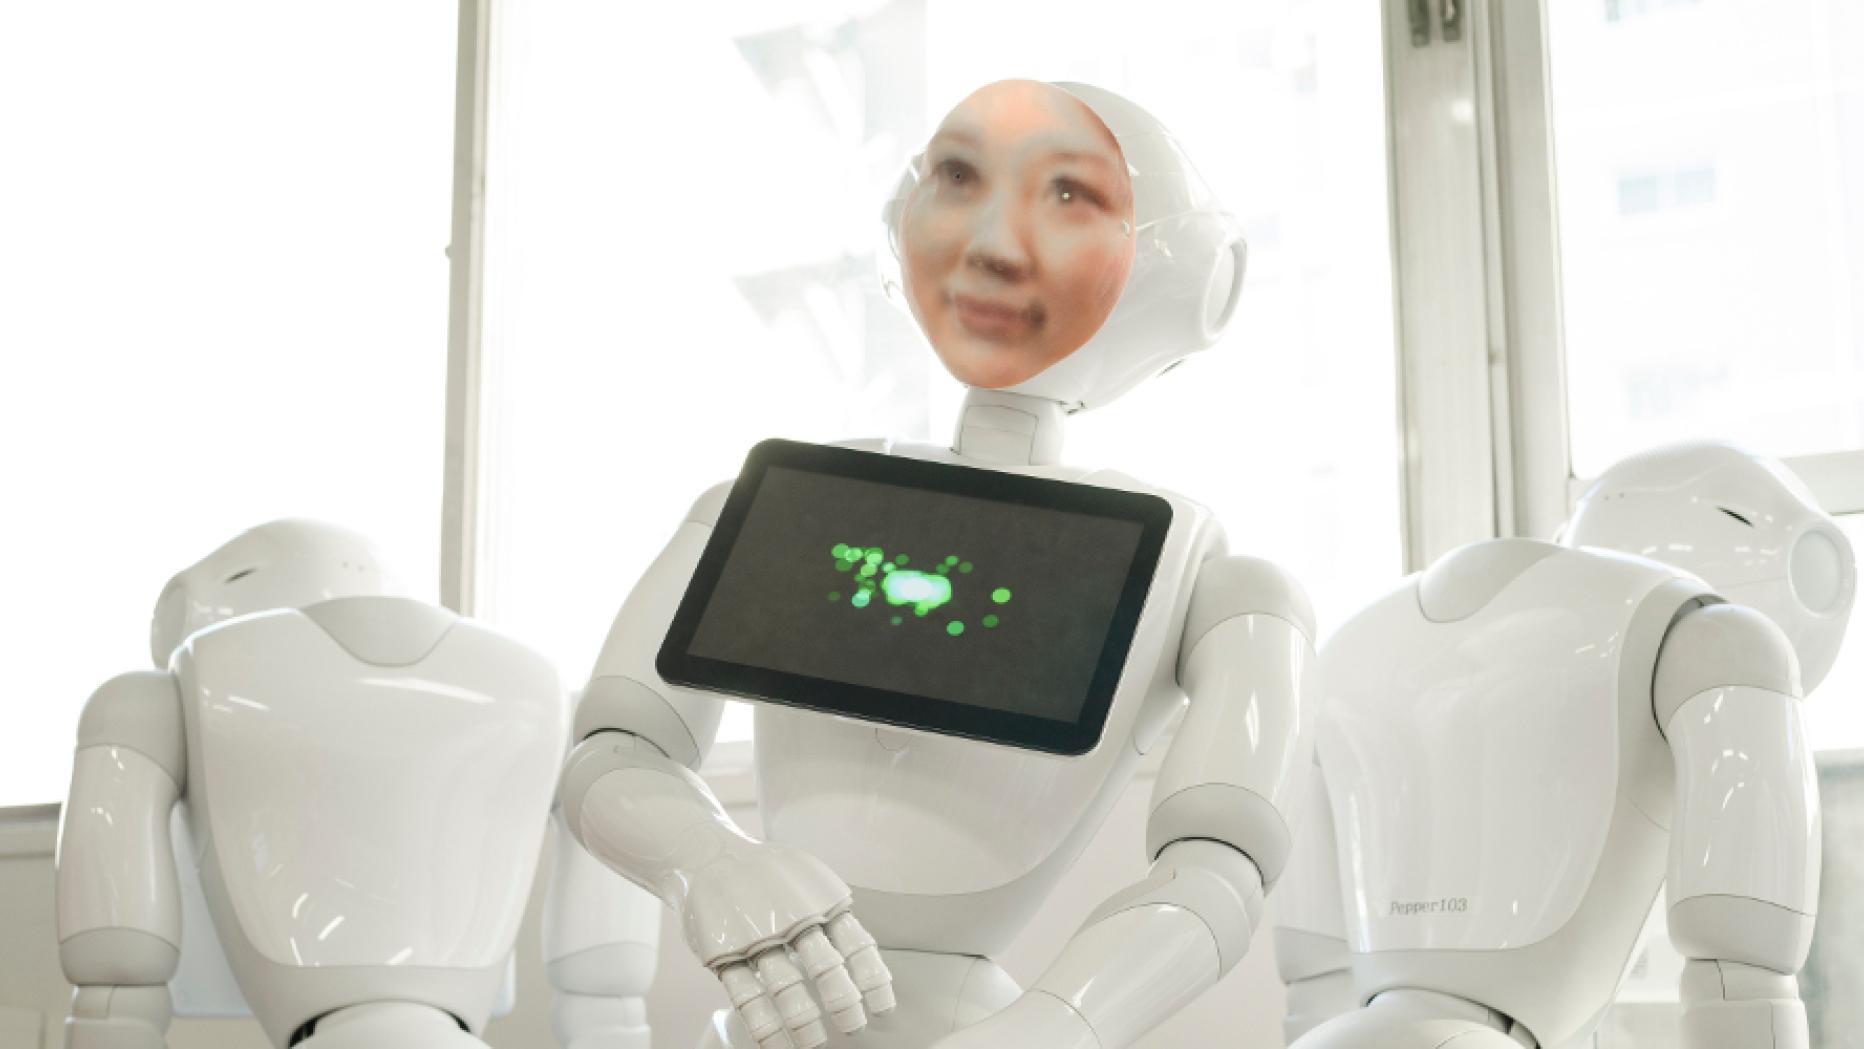 Roboter mit 3D-gedruckten Gesicht von Toten soll beim Trauern helfen